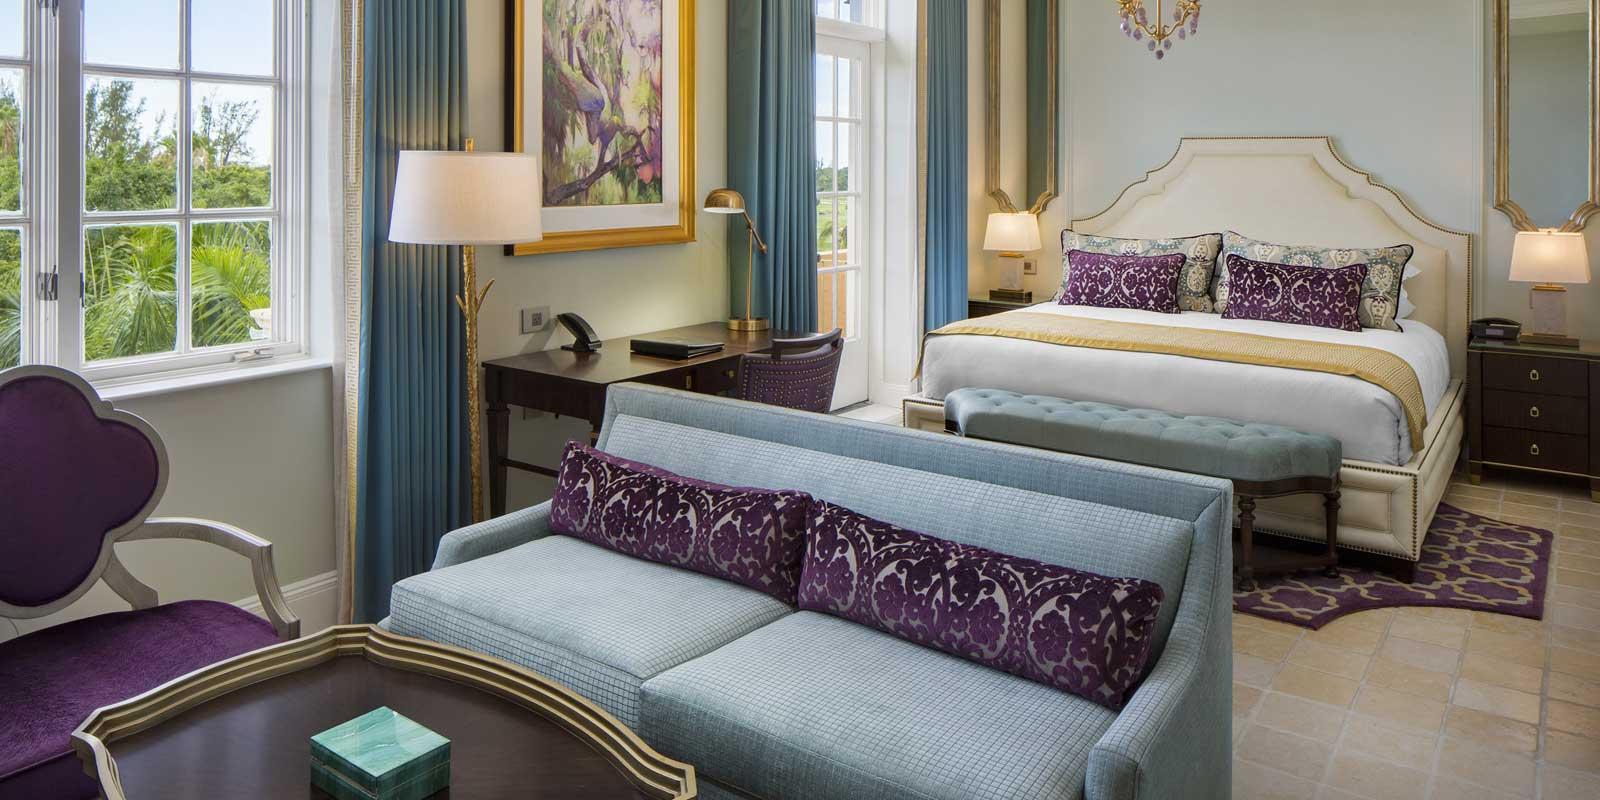 Biltmore junior suite room